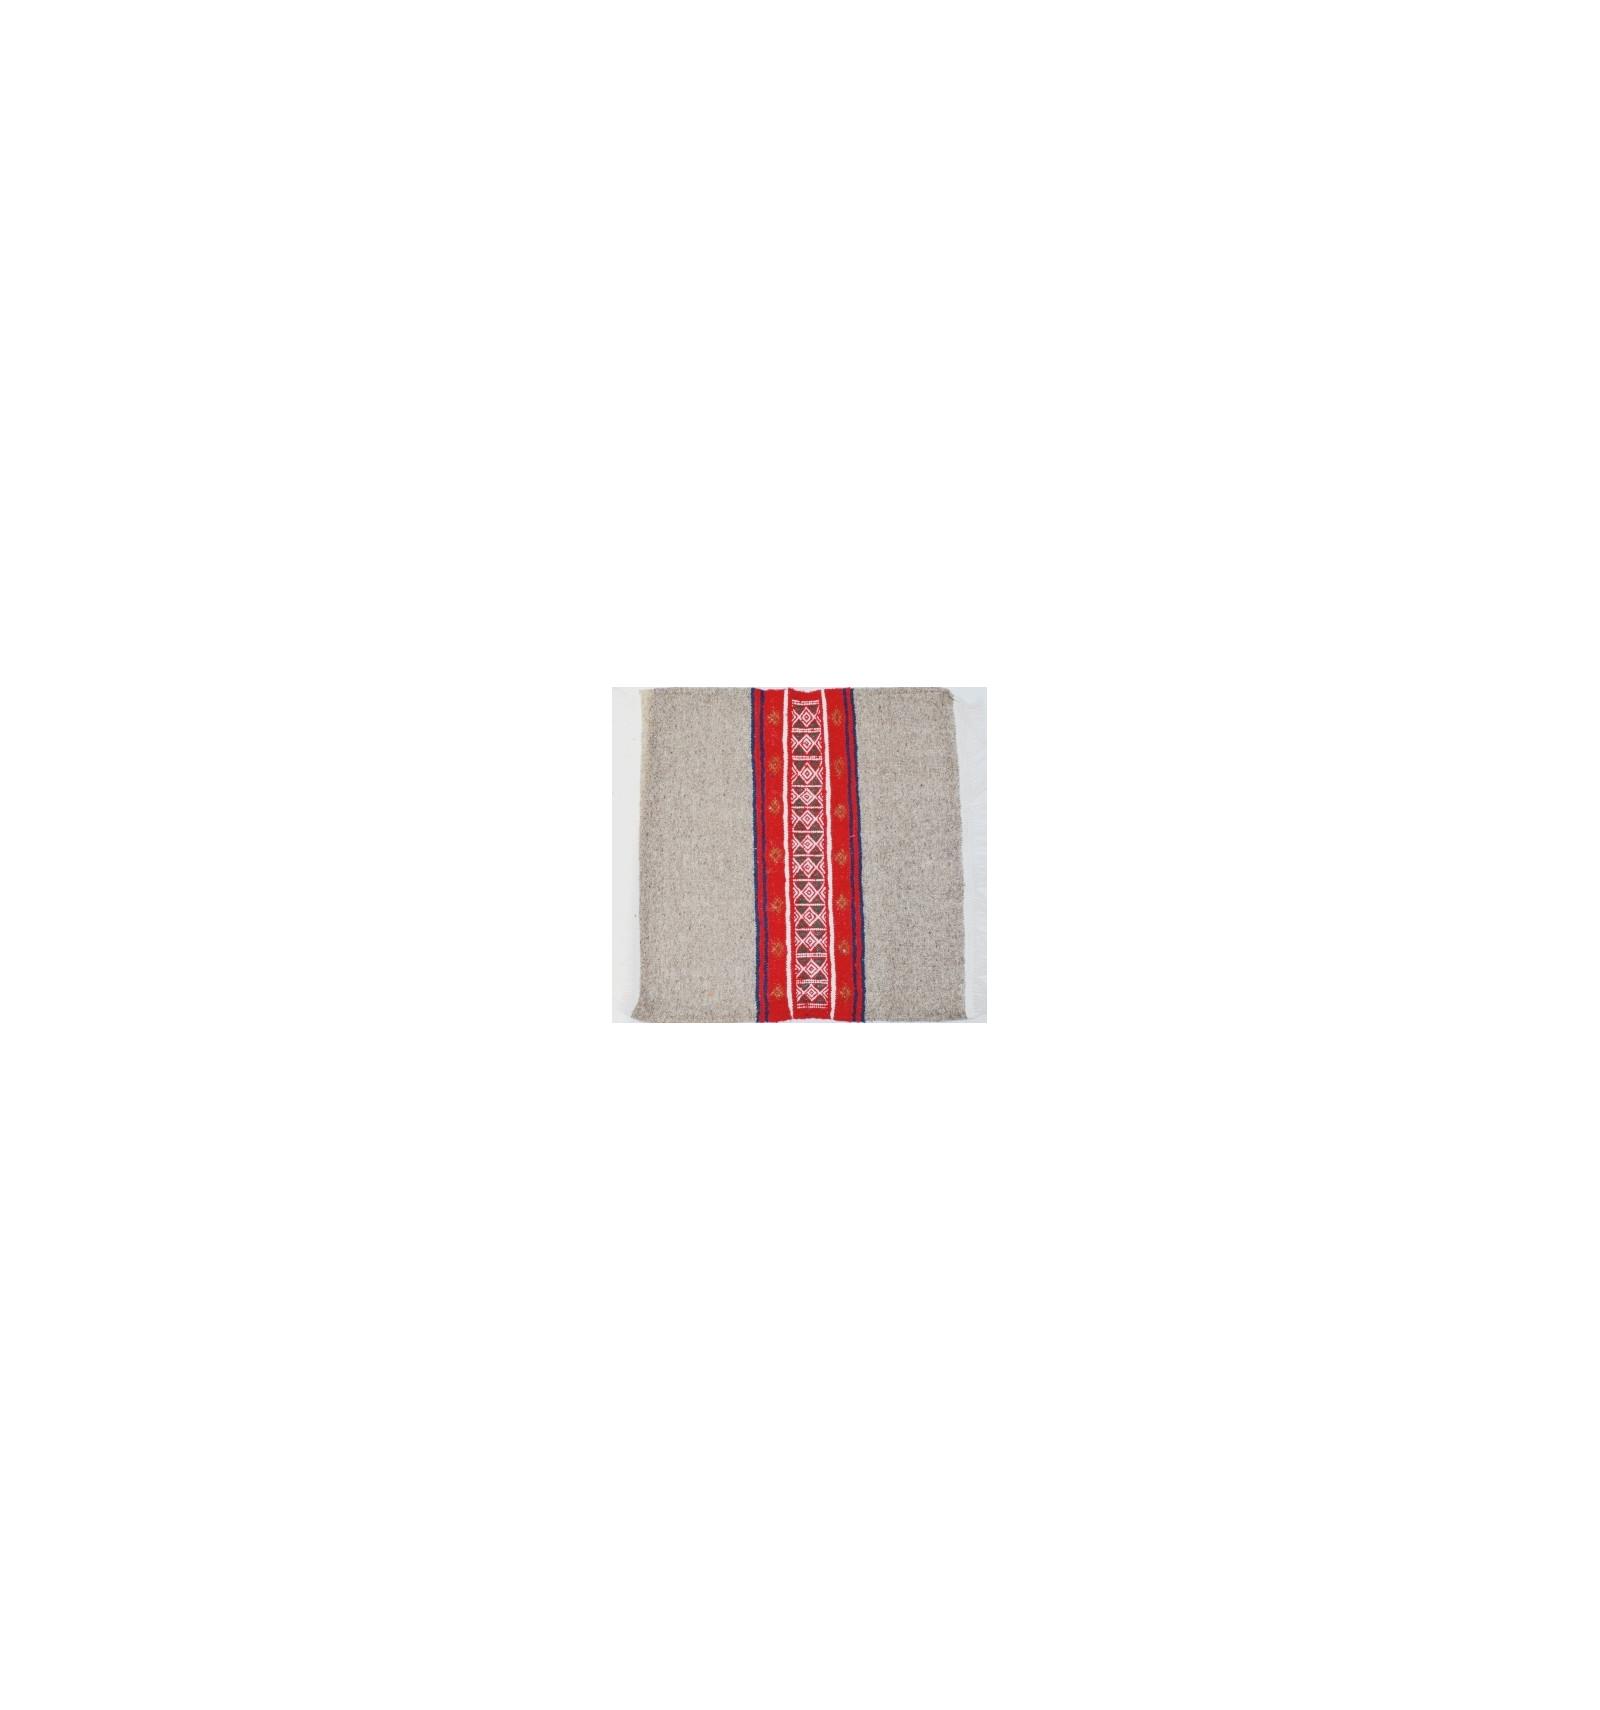 Carreau de chaise touareg rouge 54 x 54 - Carreau de chaise ...